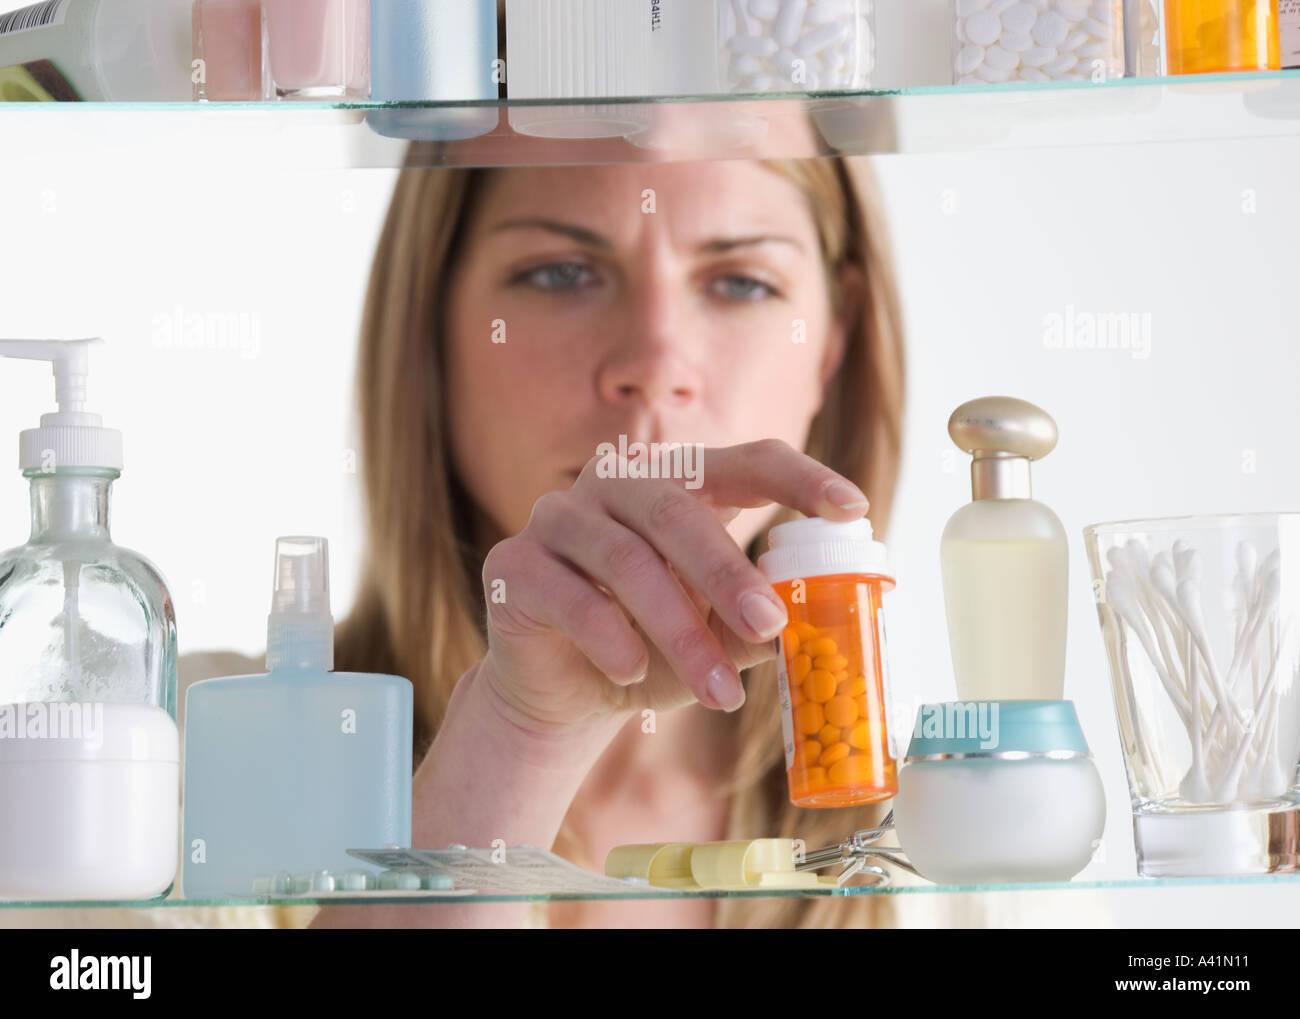 Frau Medizin aus Gehäuse entfernen Stockbild